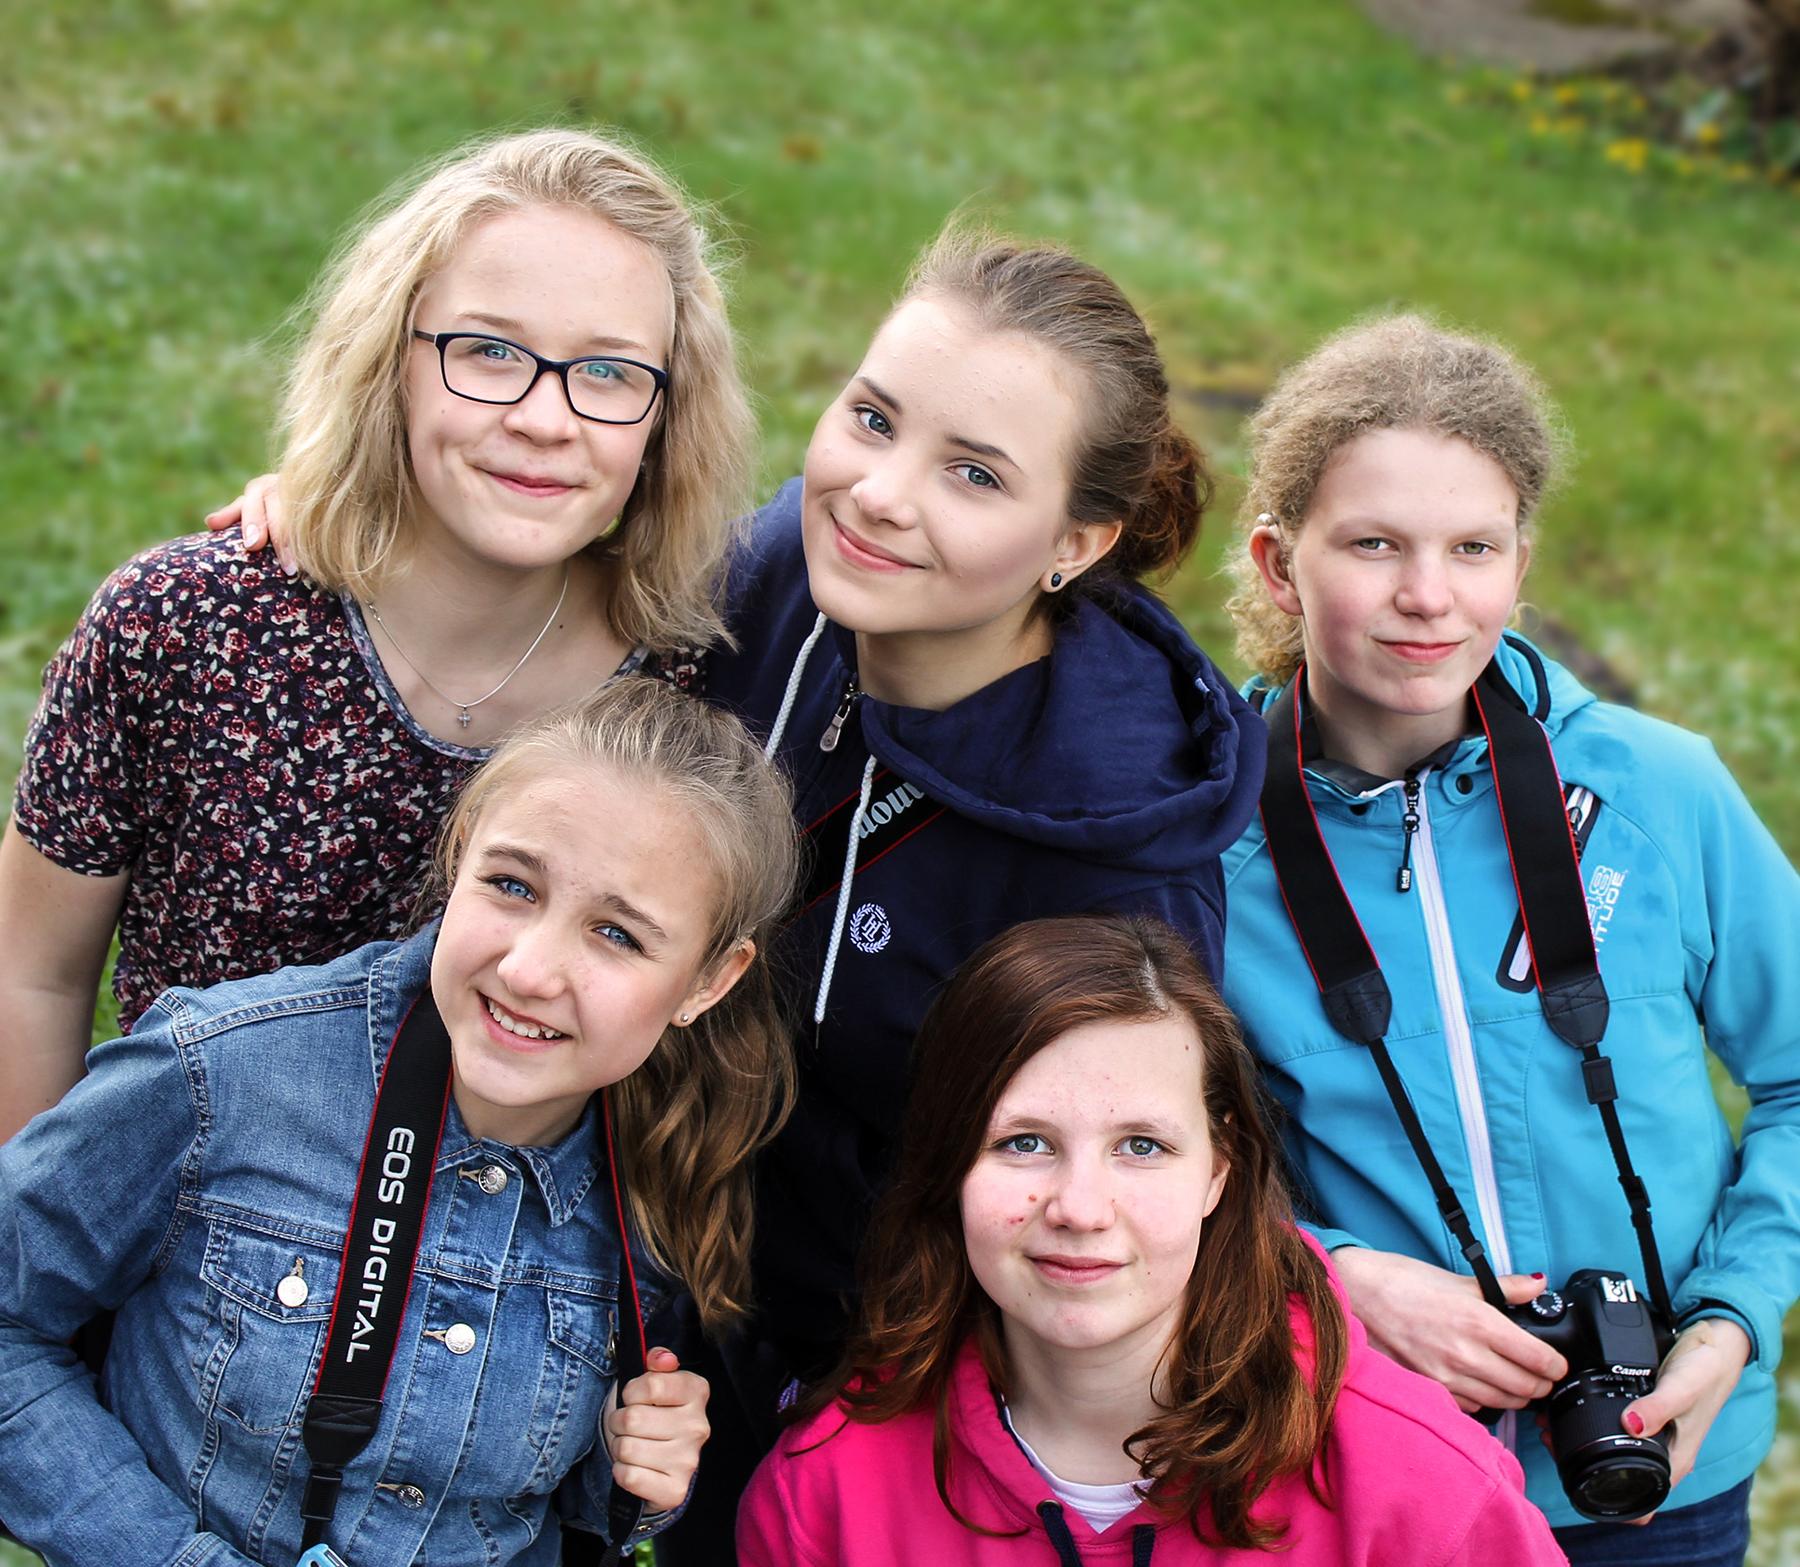 Kuvassa joukko nuoria hymyilee kameralle